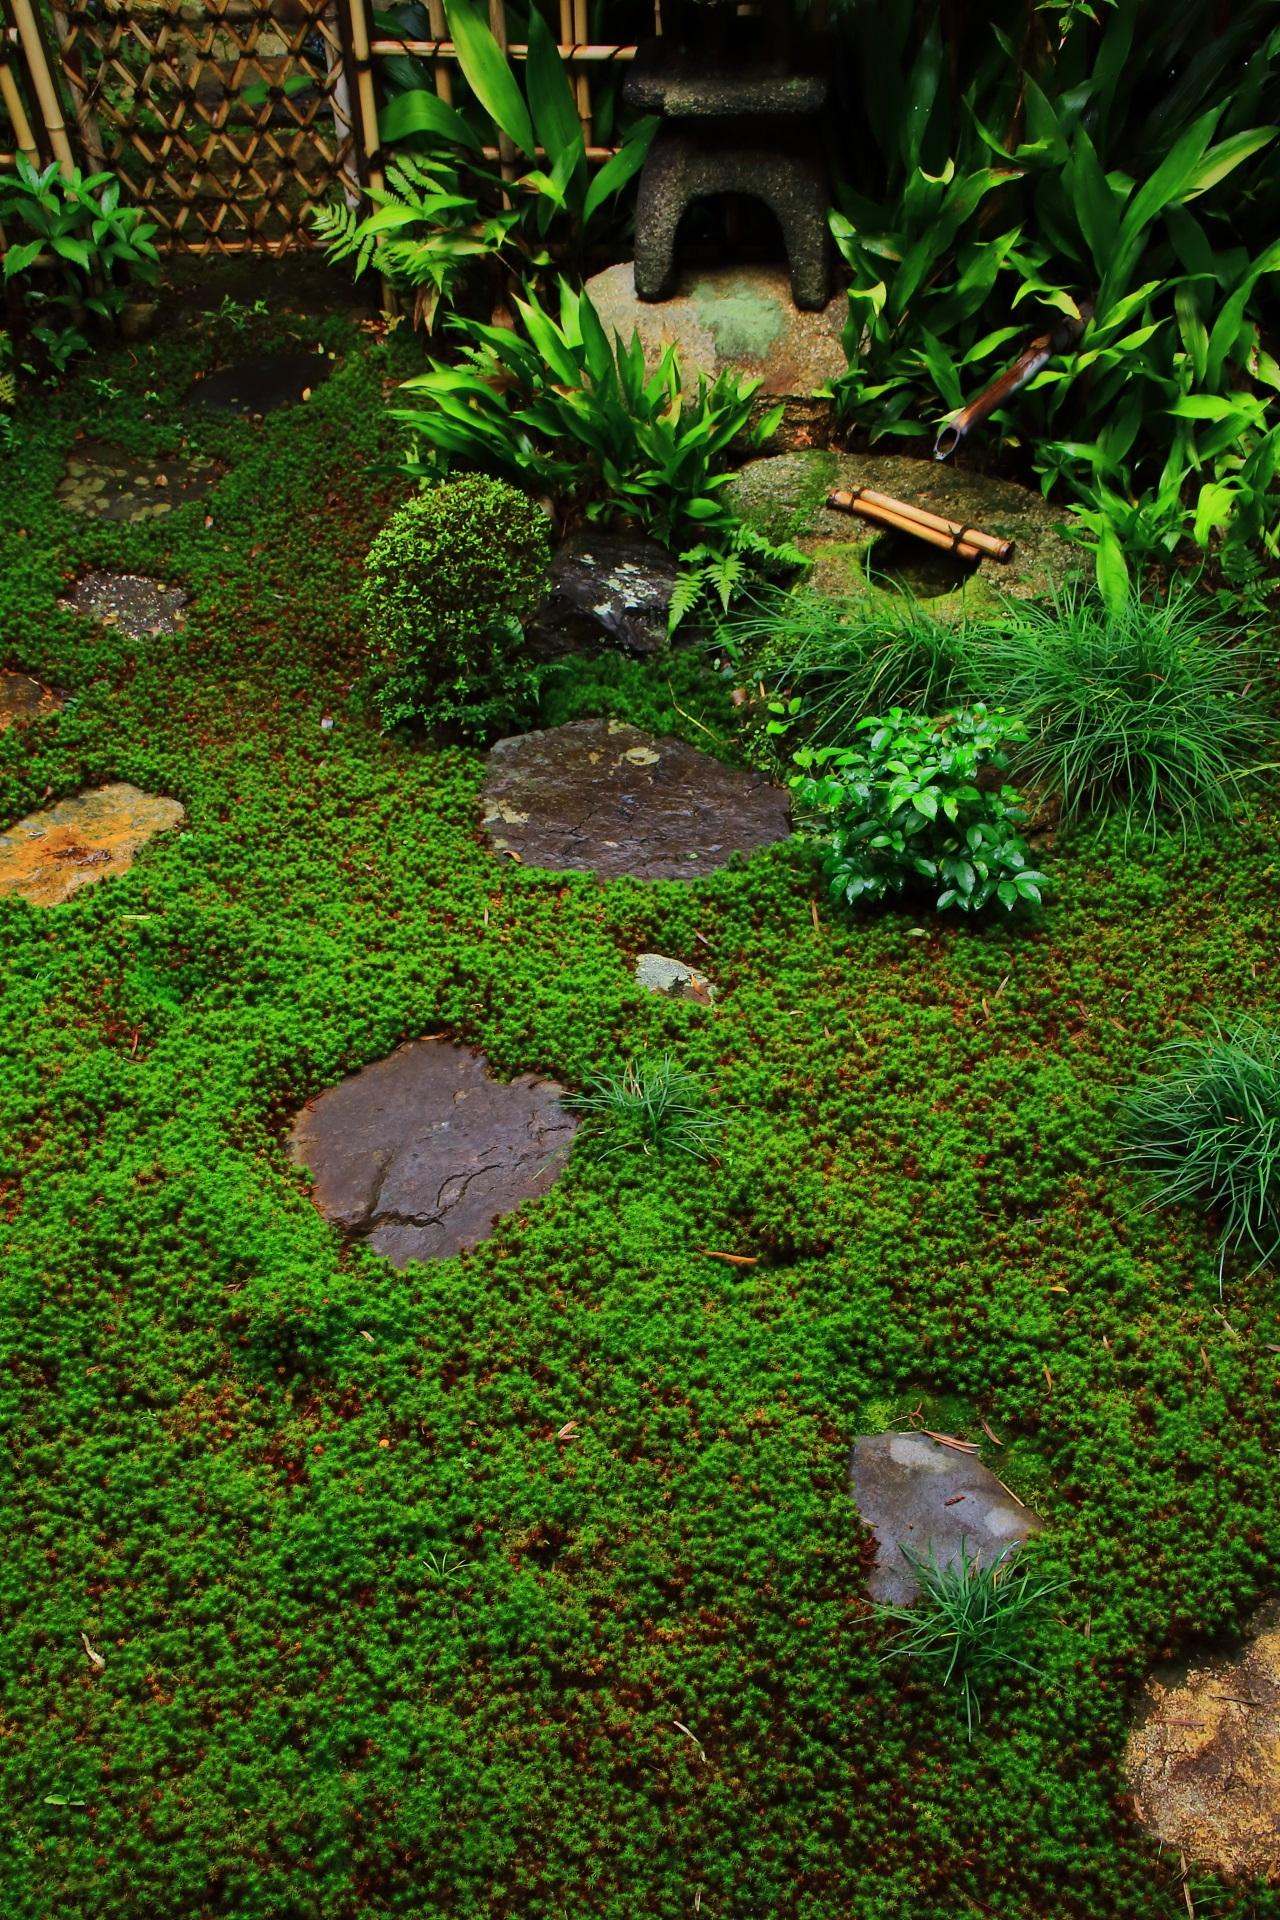 苔と飛び石の美しい芬陀院の茶庭